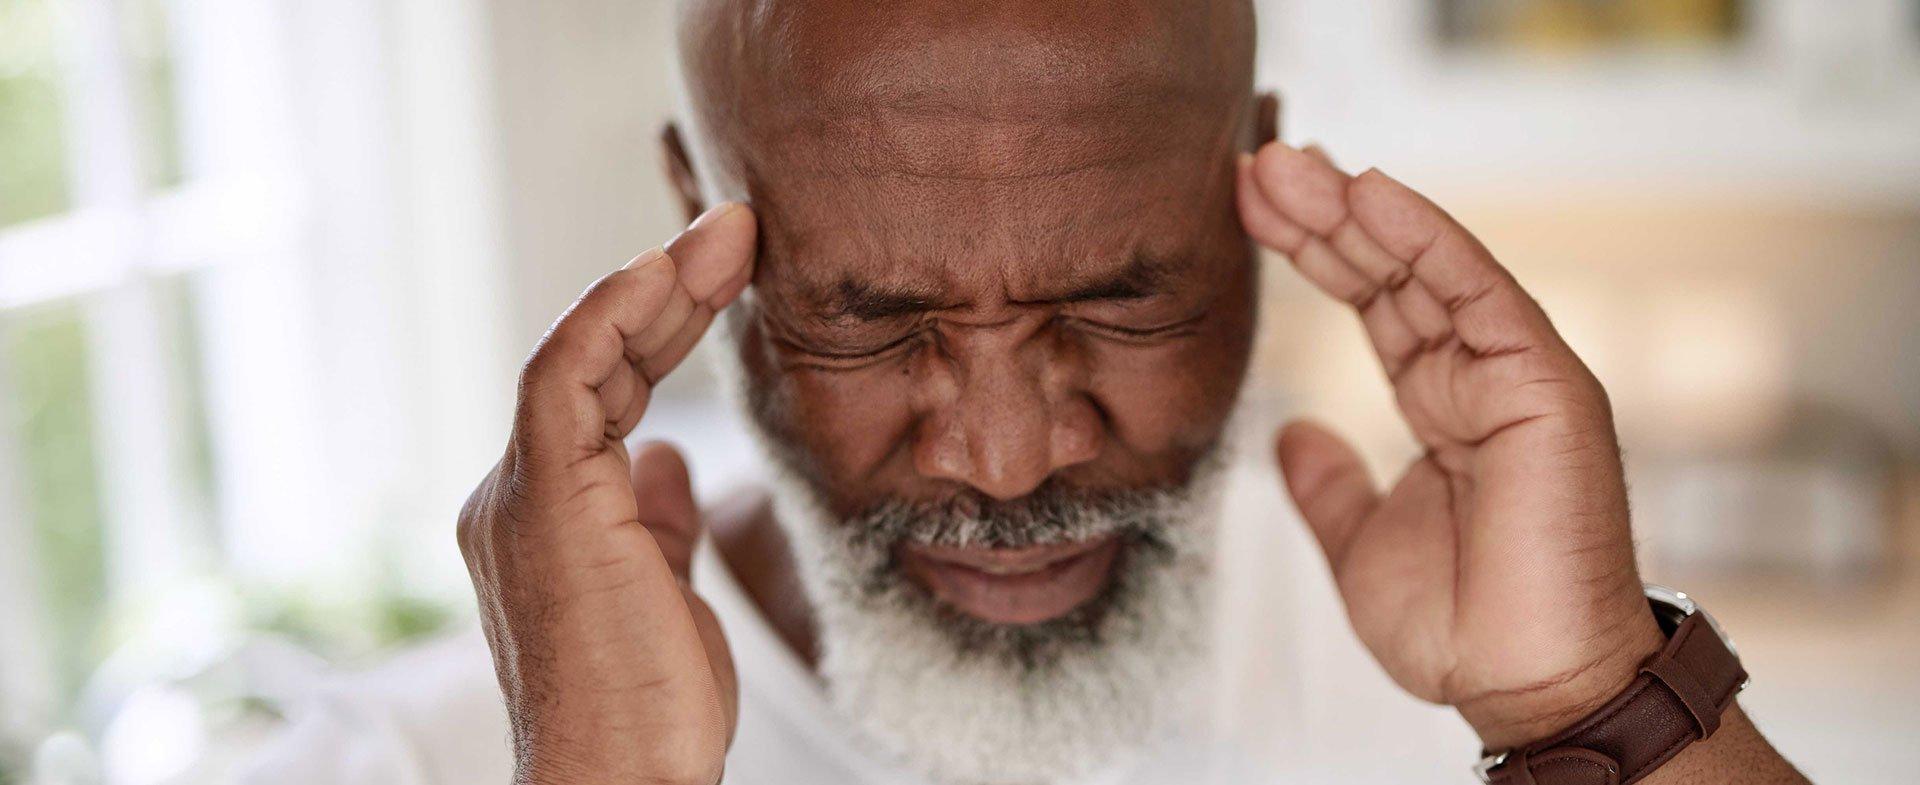 gejala dan penyebab glioblastoma